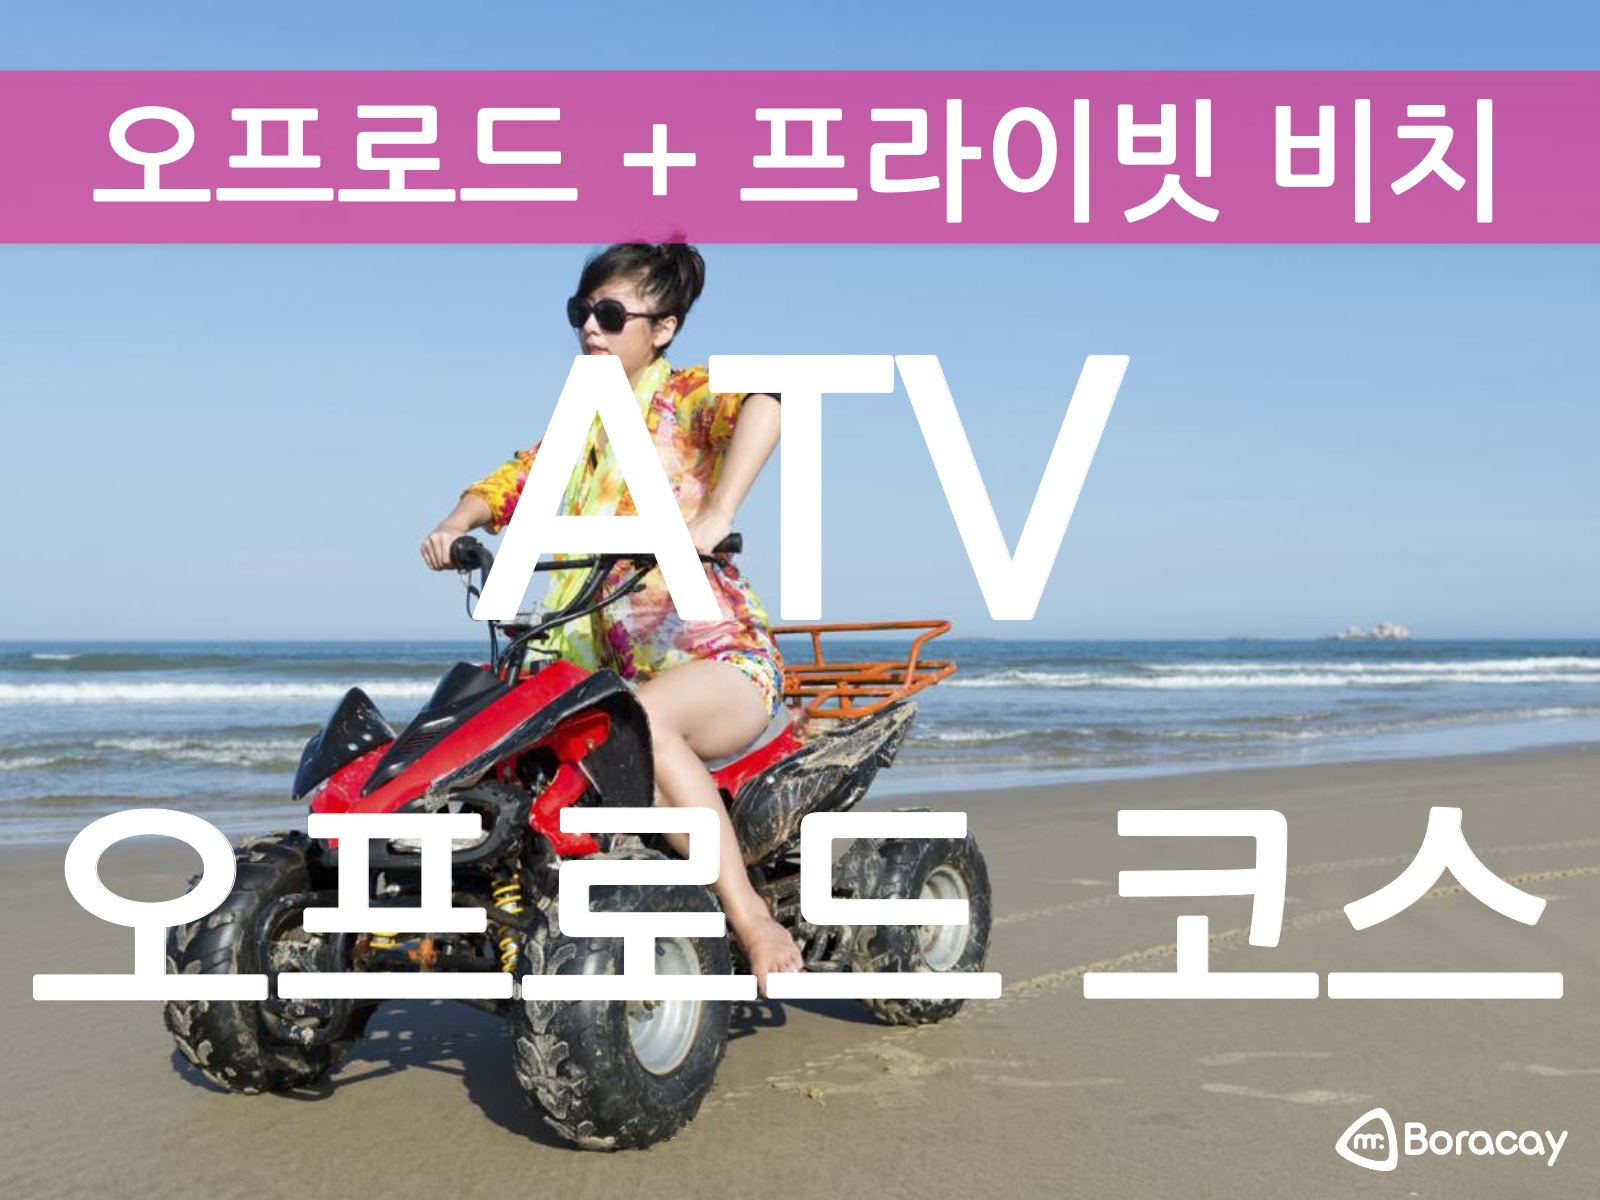 [보라카이 액티비티] ATV(1인 탑승) 30분! - 사륜 바이크, 오프로드